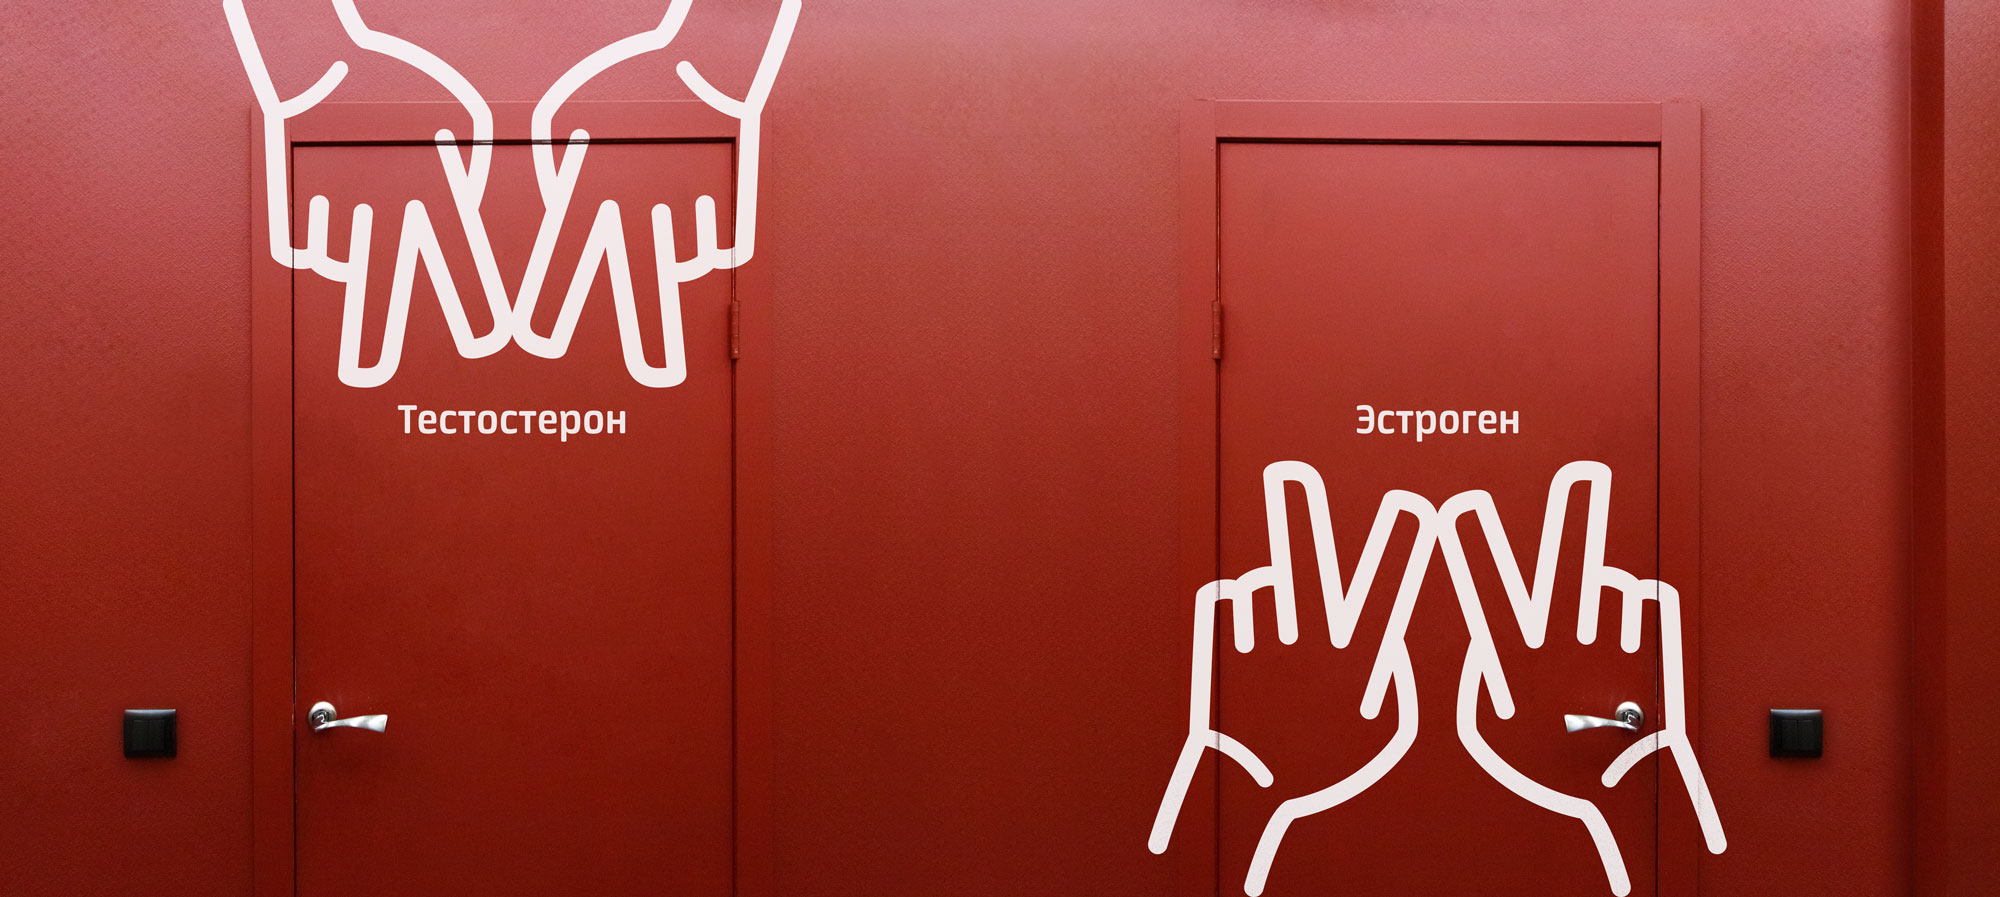 Дизайн навигации женской и мужской двери раздевали